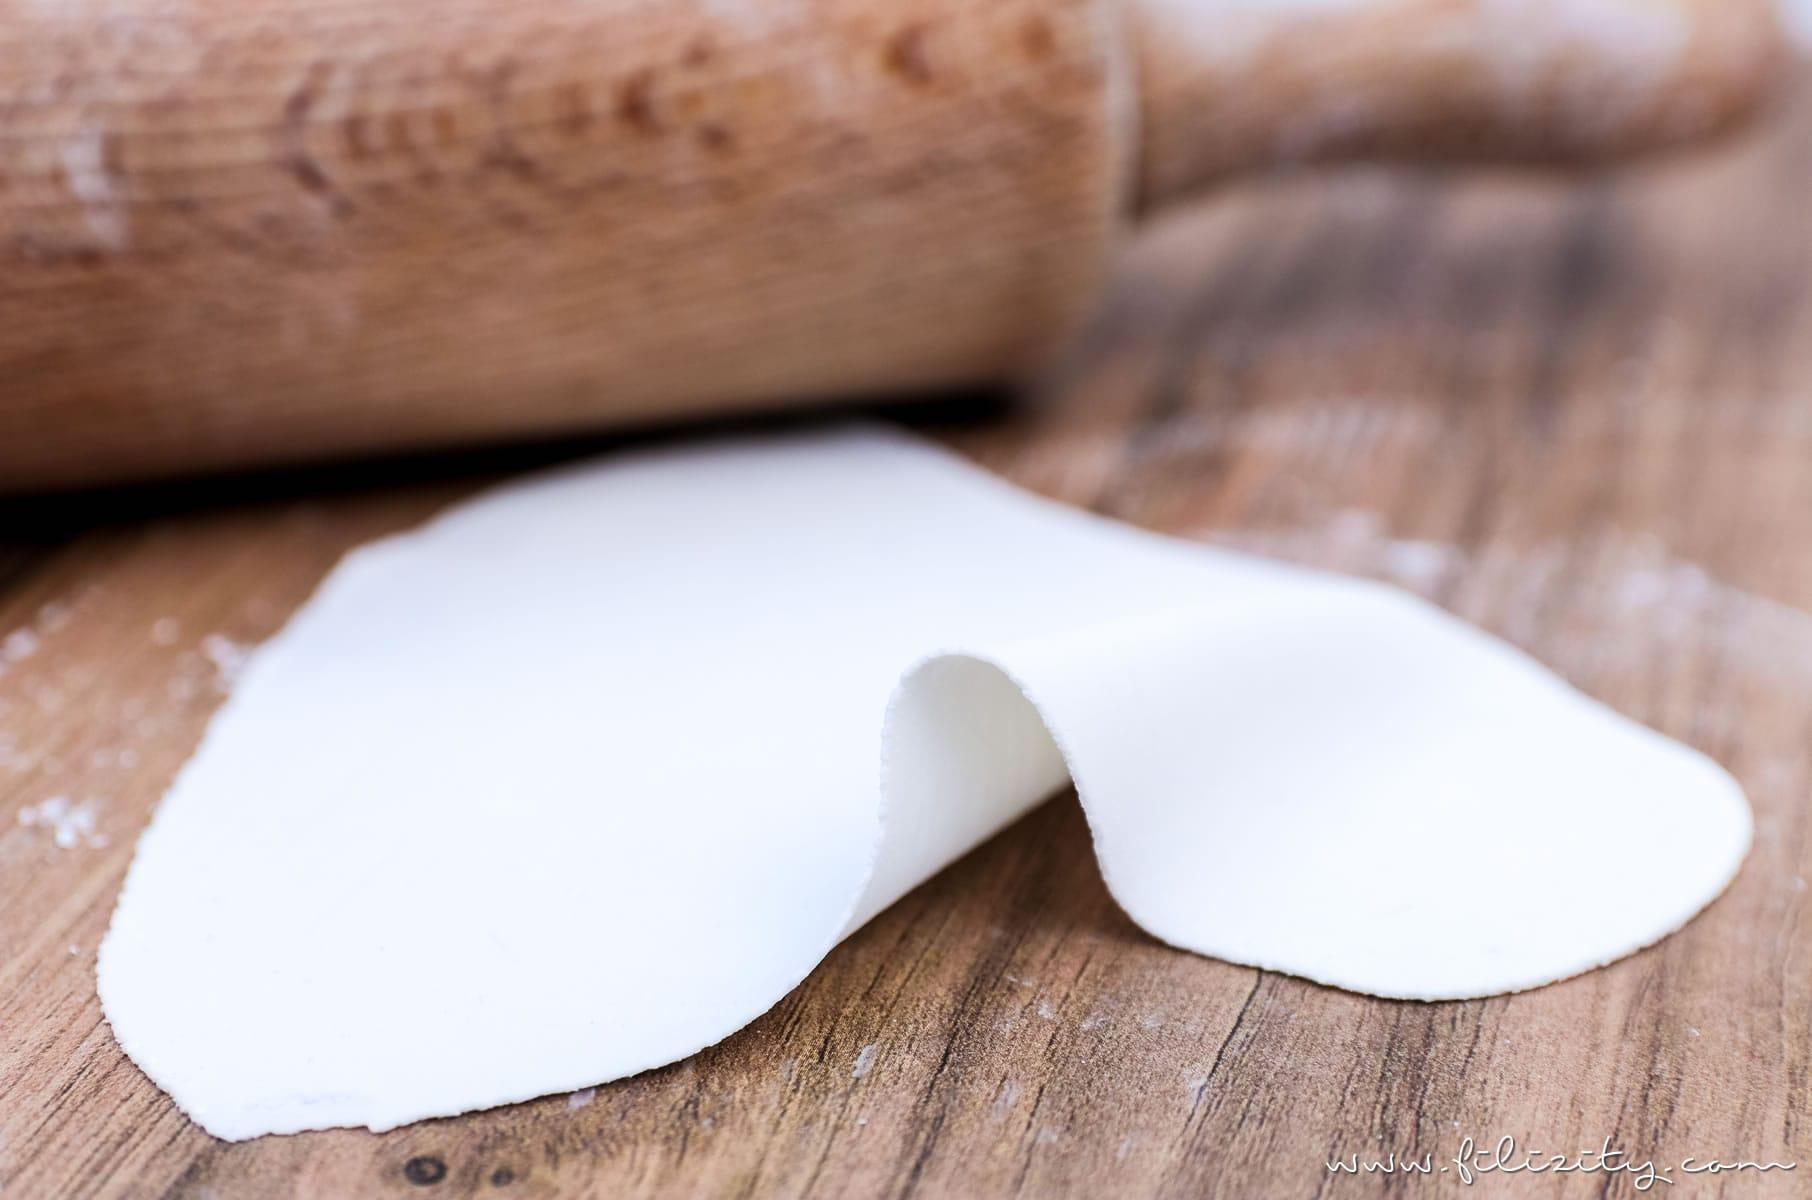 Kaltporzellan herstellen ohne Kochen - Überarbeitetes Rezept, Tipps & Tricks | Lufttrocknende Modelliermasse wie Fimo, Plymer Clay, ... | Filizity.com | DIY-Blog aus dem Rheinland #kaltporzellan